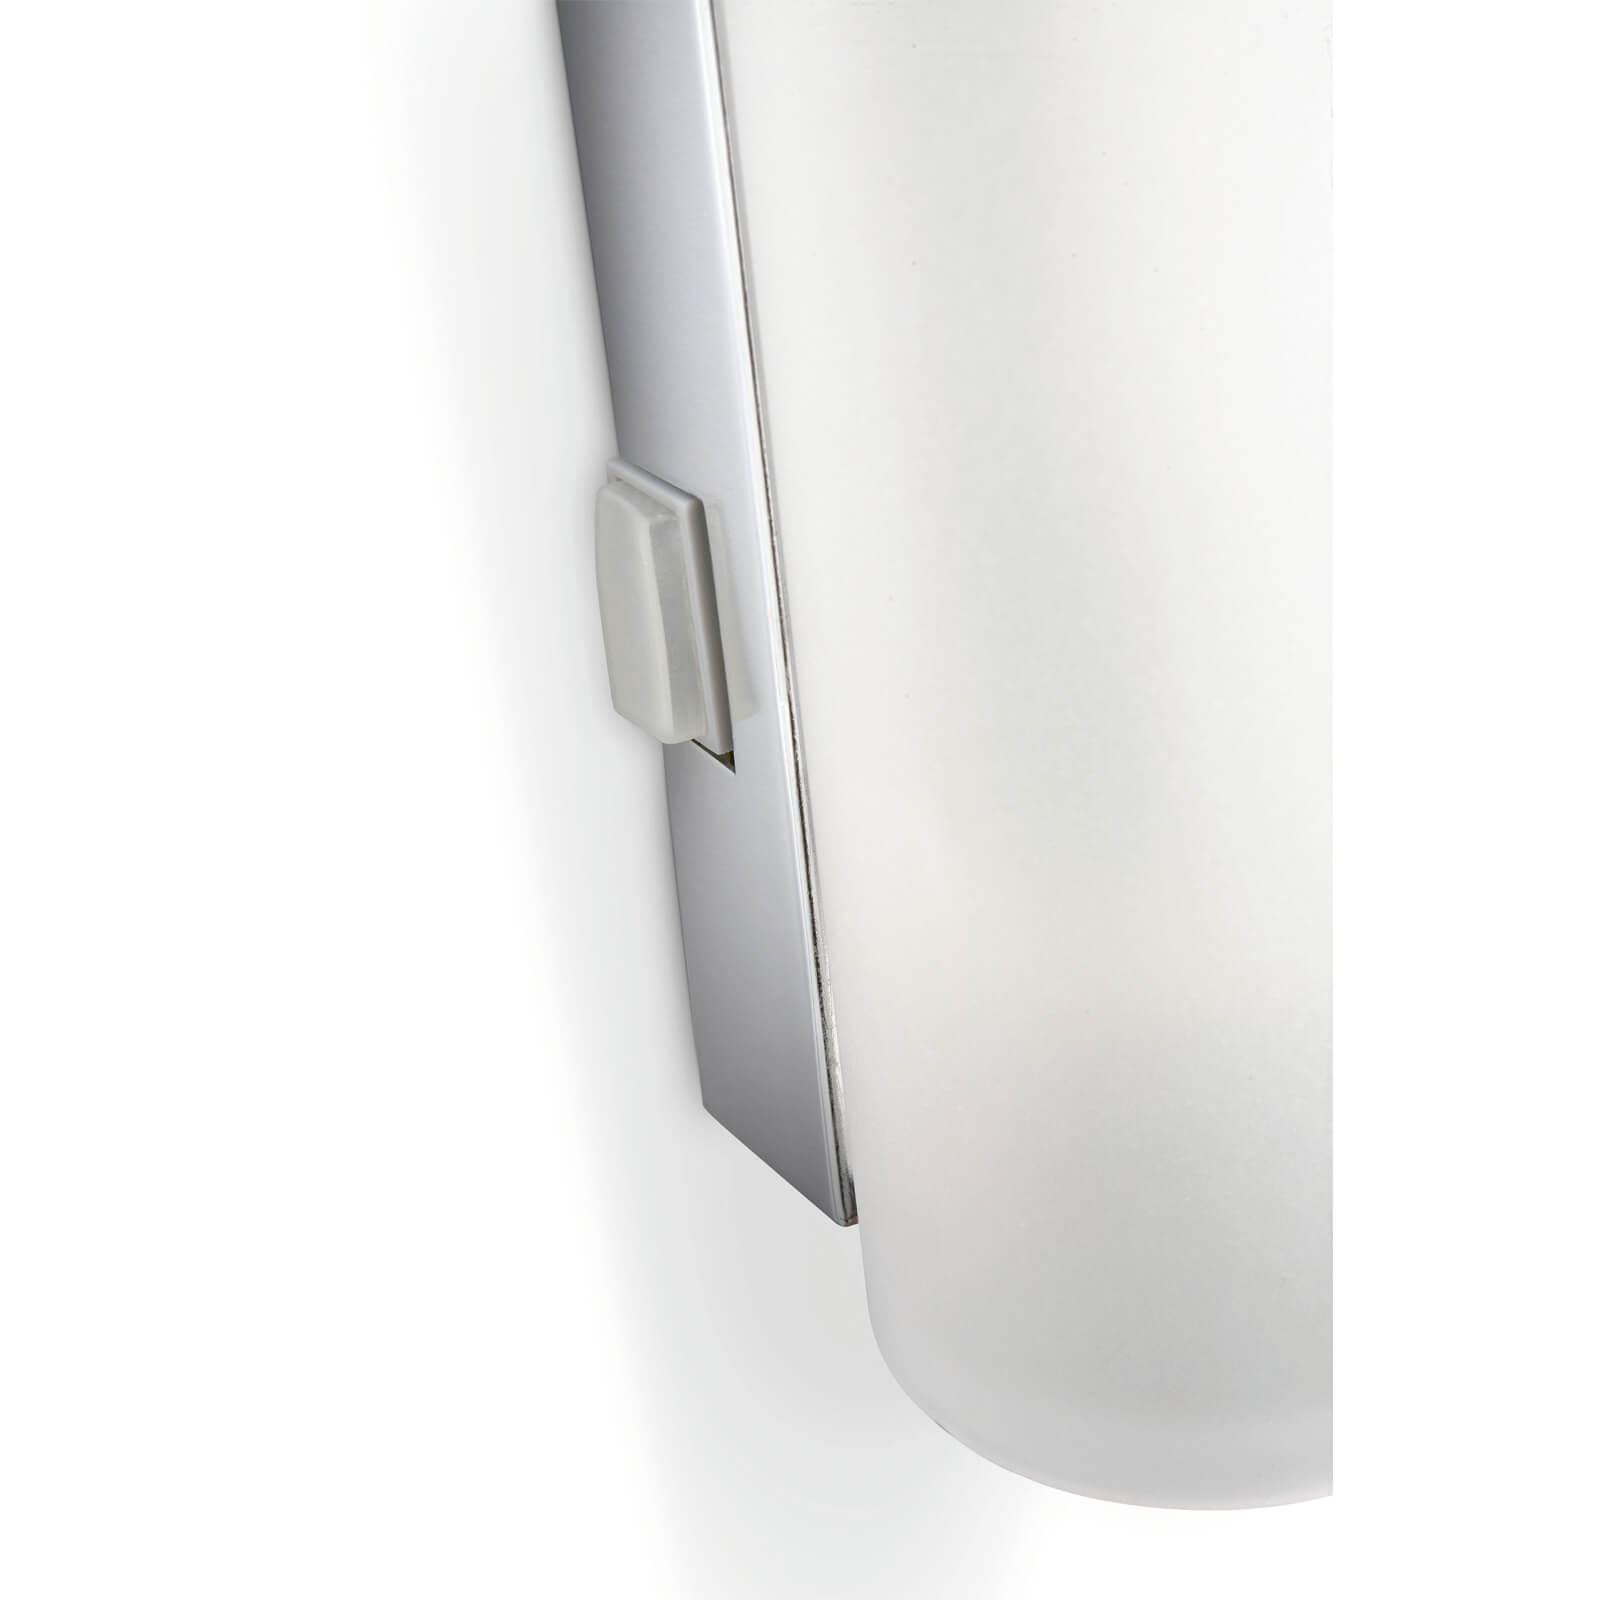 philips mybathroom vitalise wandlamp wit 38 8cm. Black Bedroom Furniture Sets. Home Design Ideas